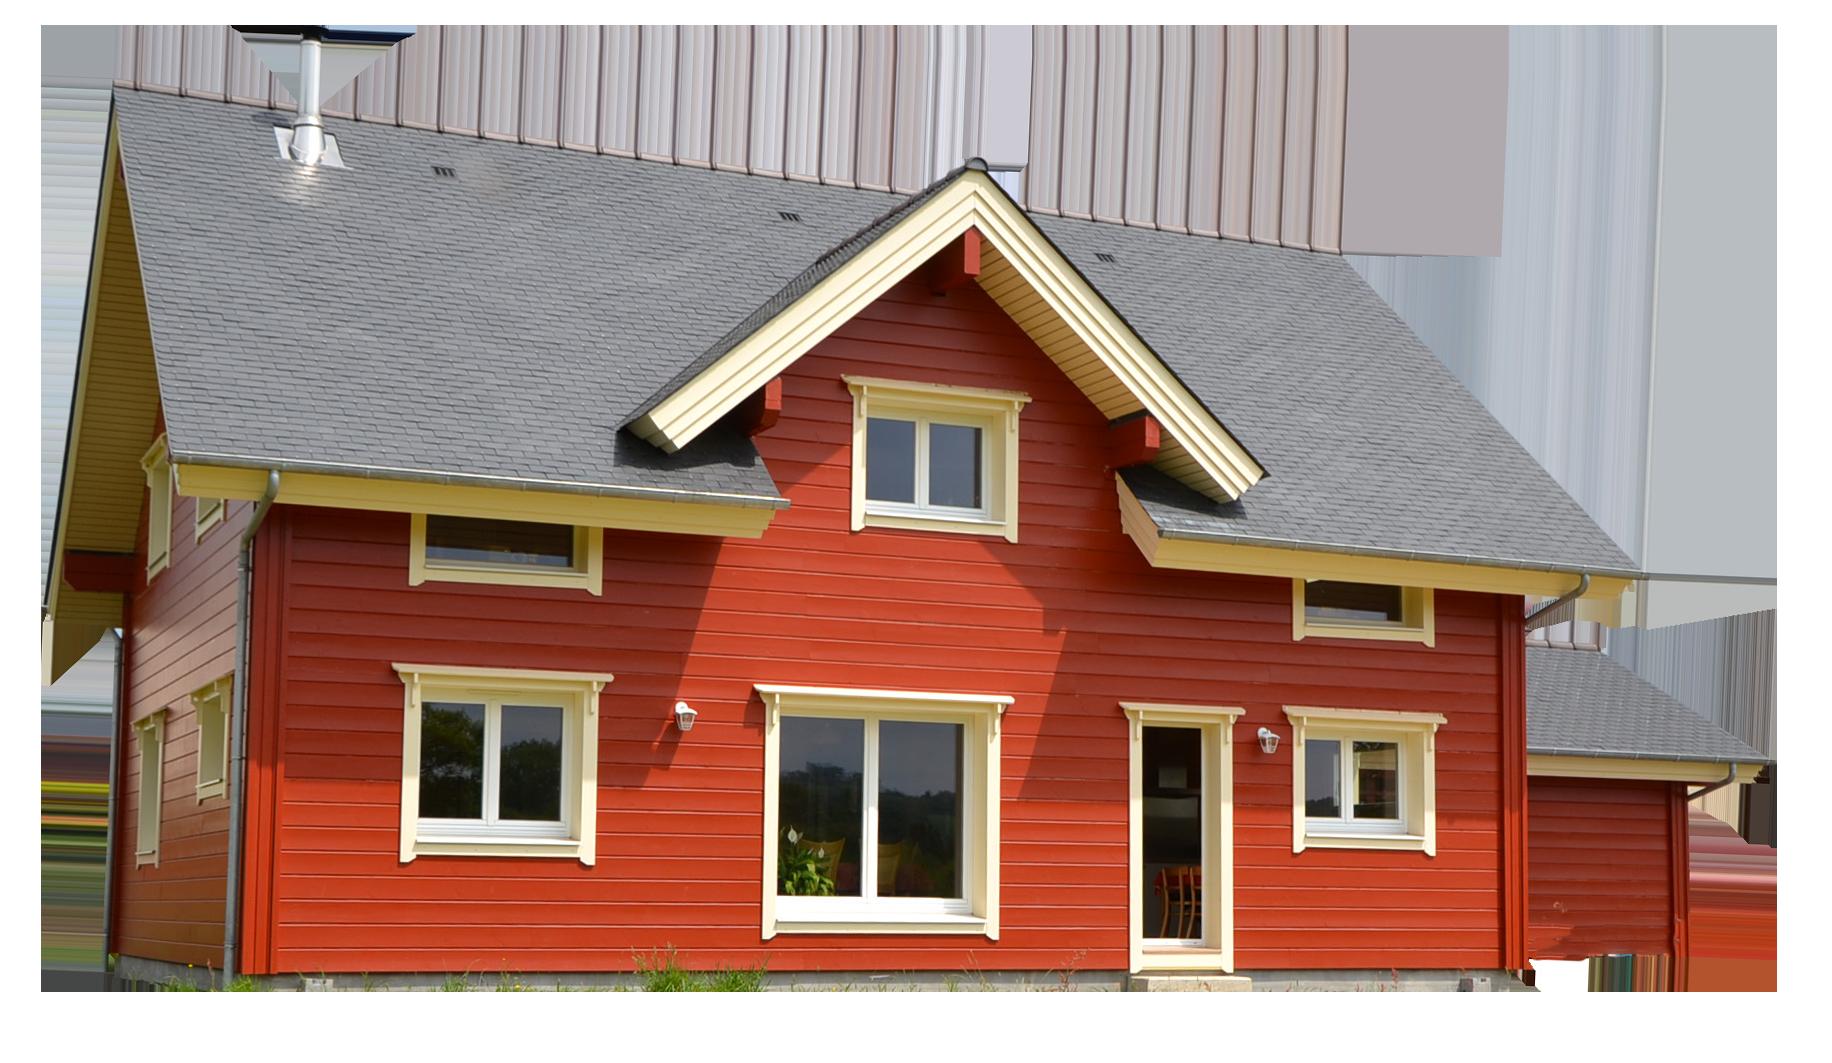 Maison En Bois Normandie maison bois massif normandie – « une maison naturelle tout